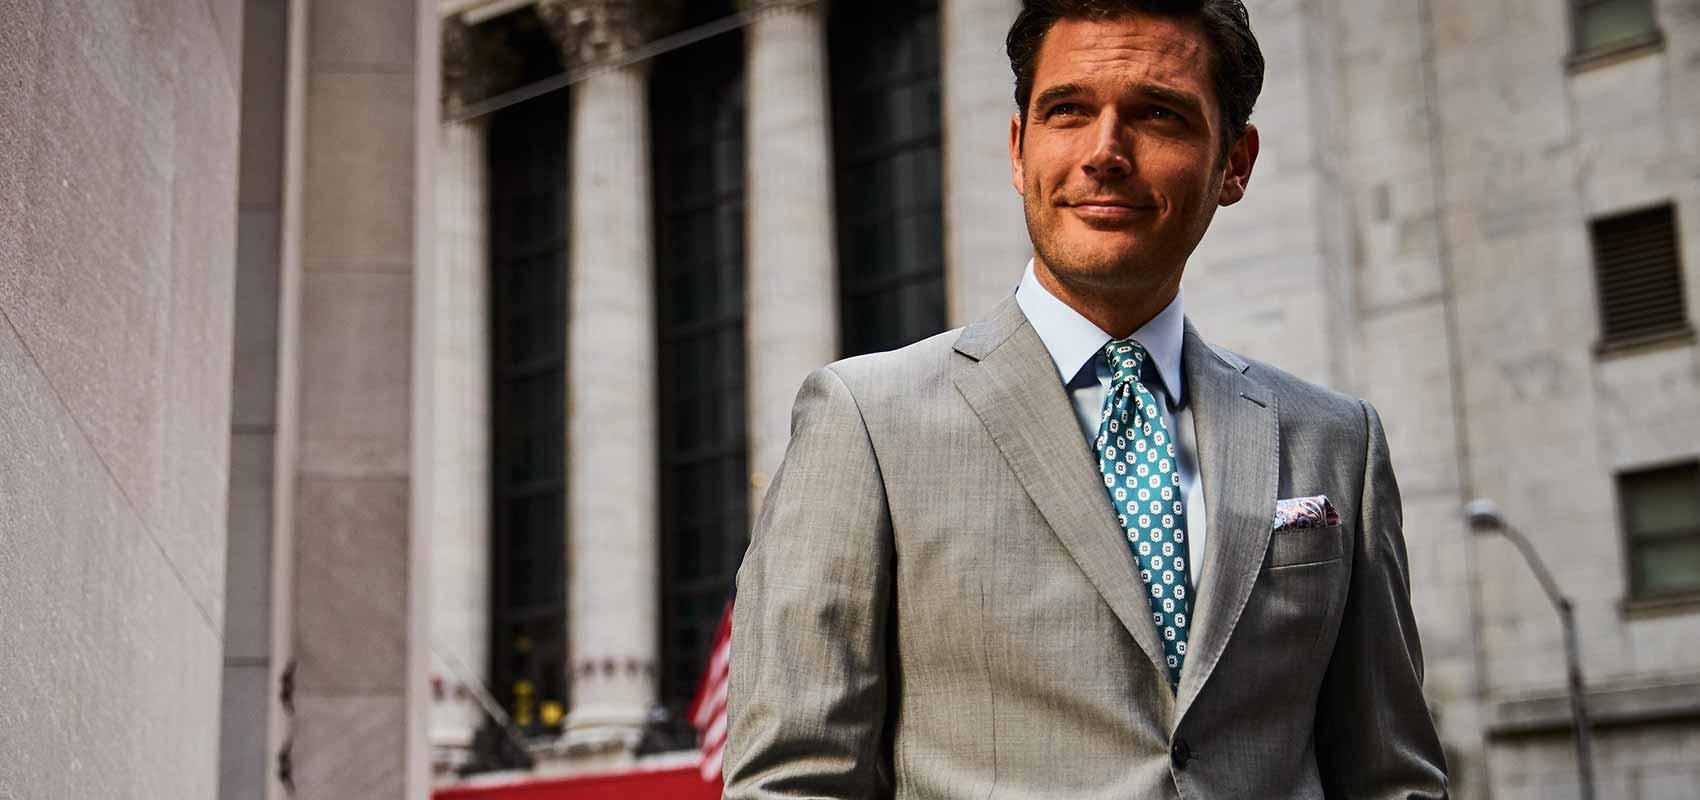 Charles Tyrwhitt Luxury suits